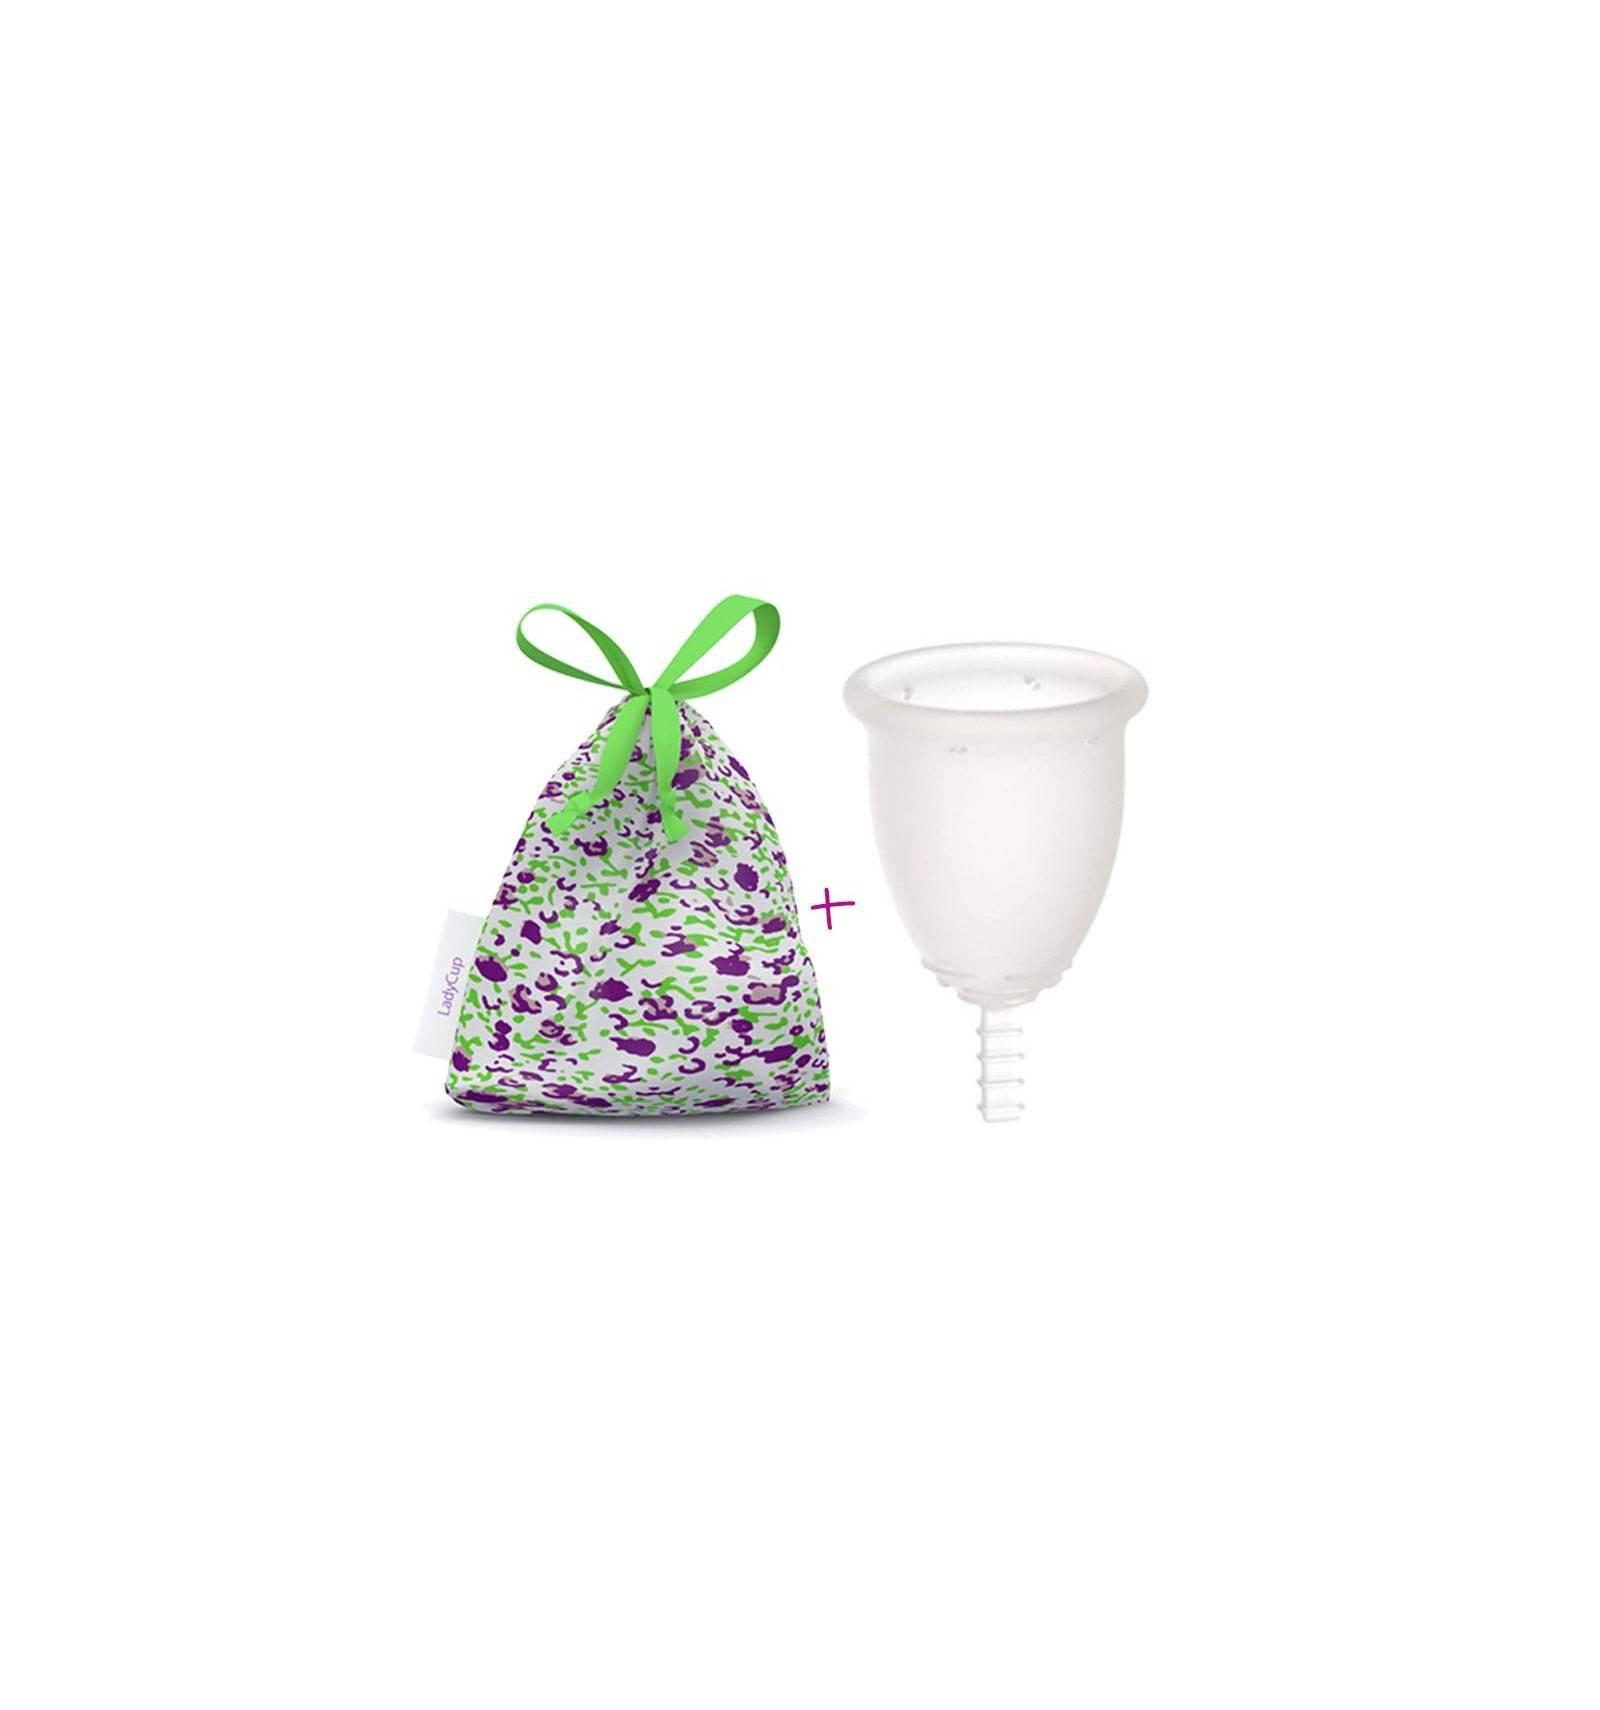 Copa menstrual Fleurcup